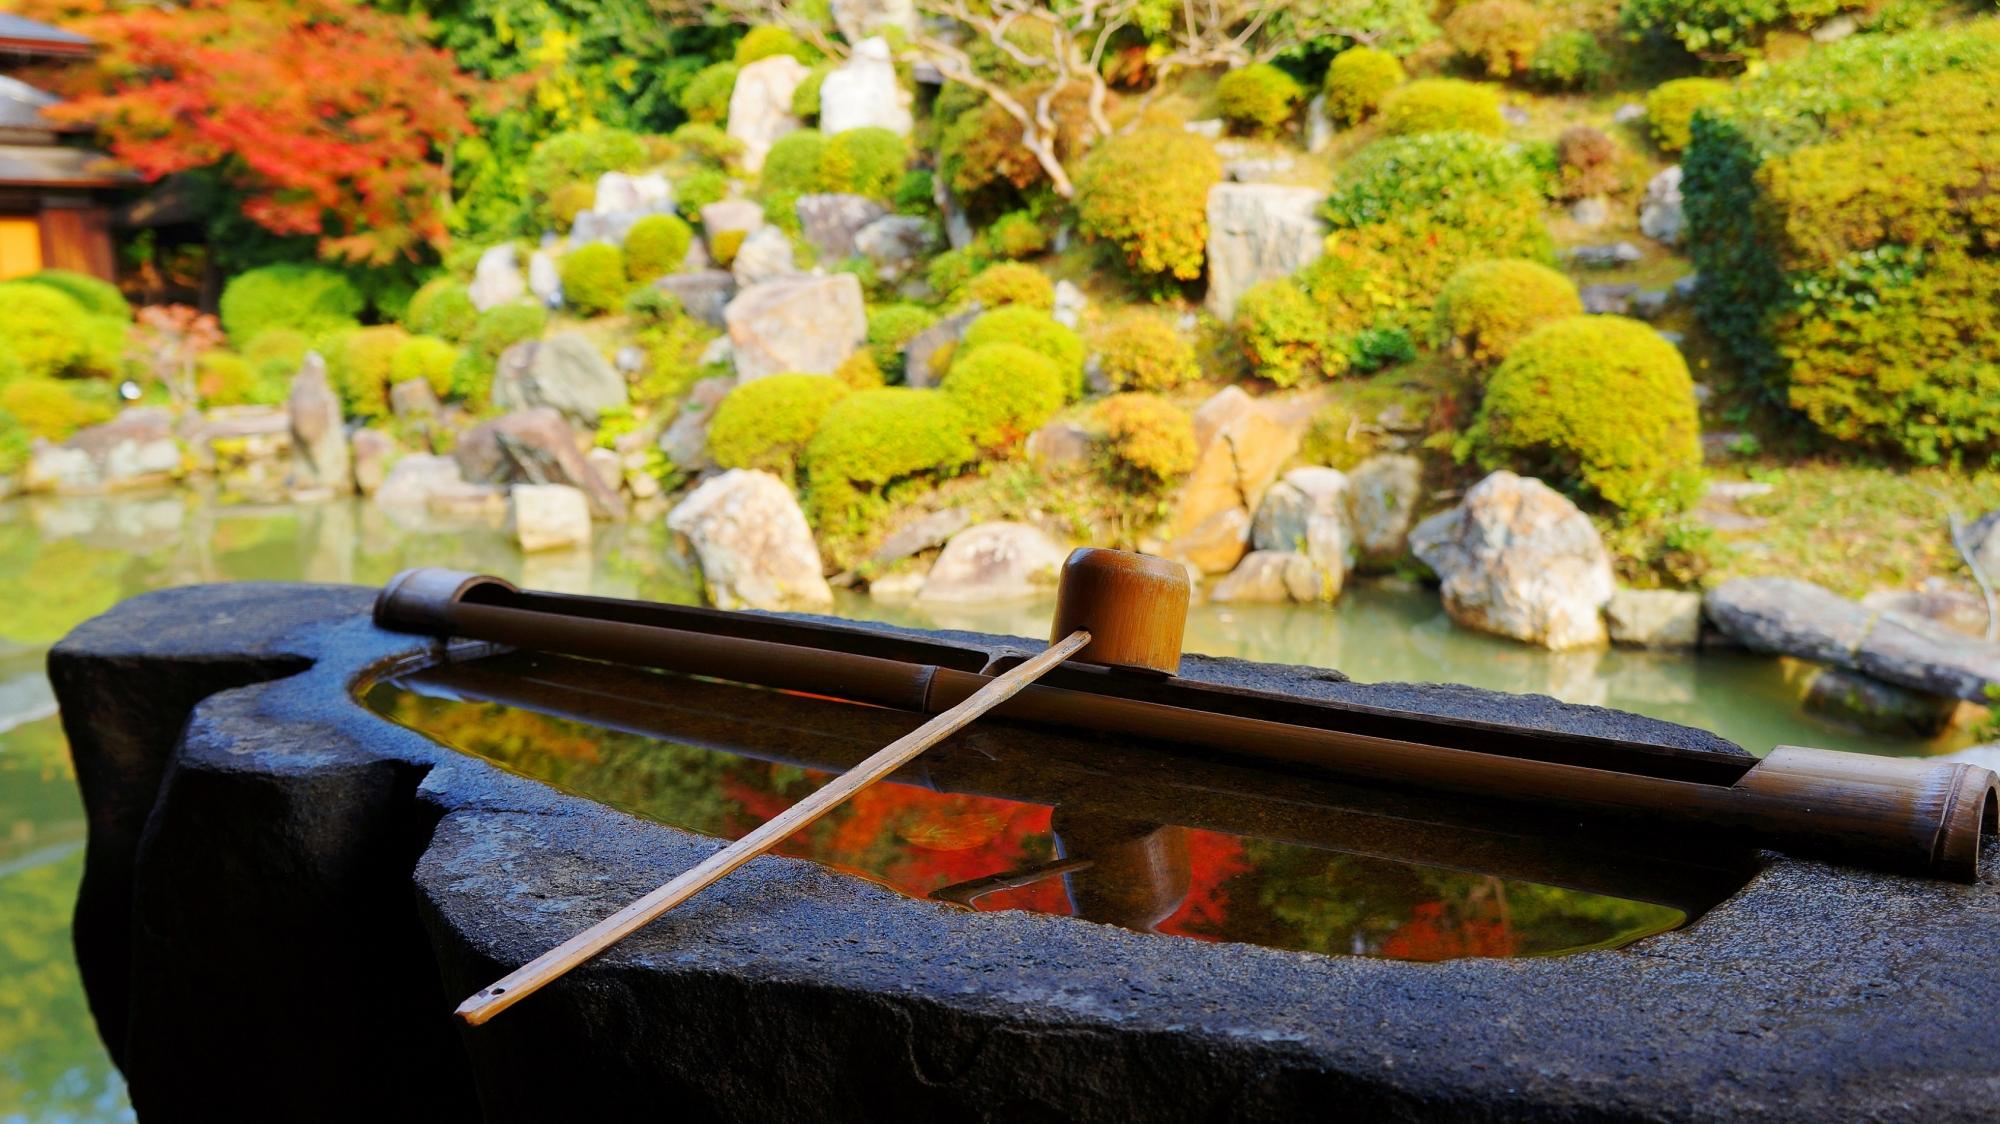 智積院名勝庭園の手水鉢に映る美しい紅葉の水鏡